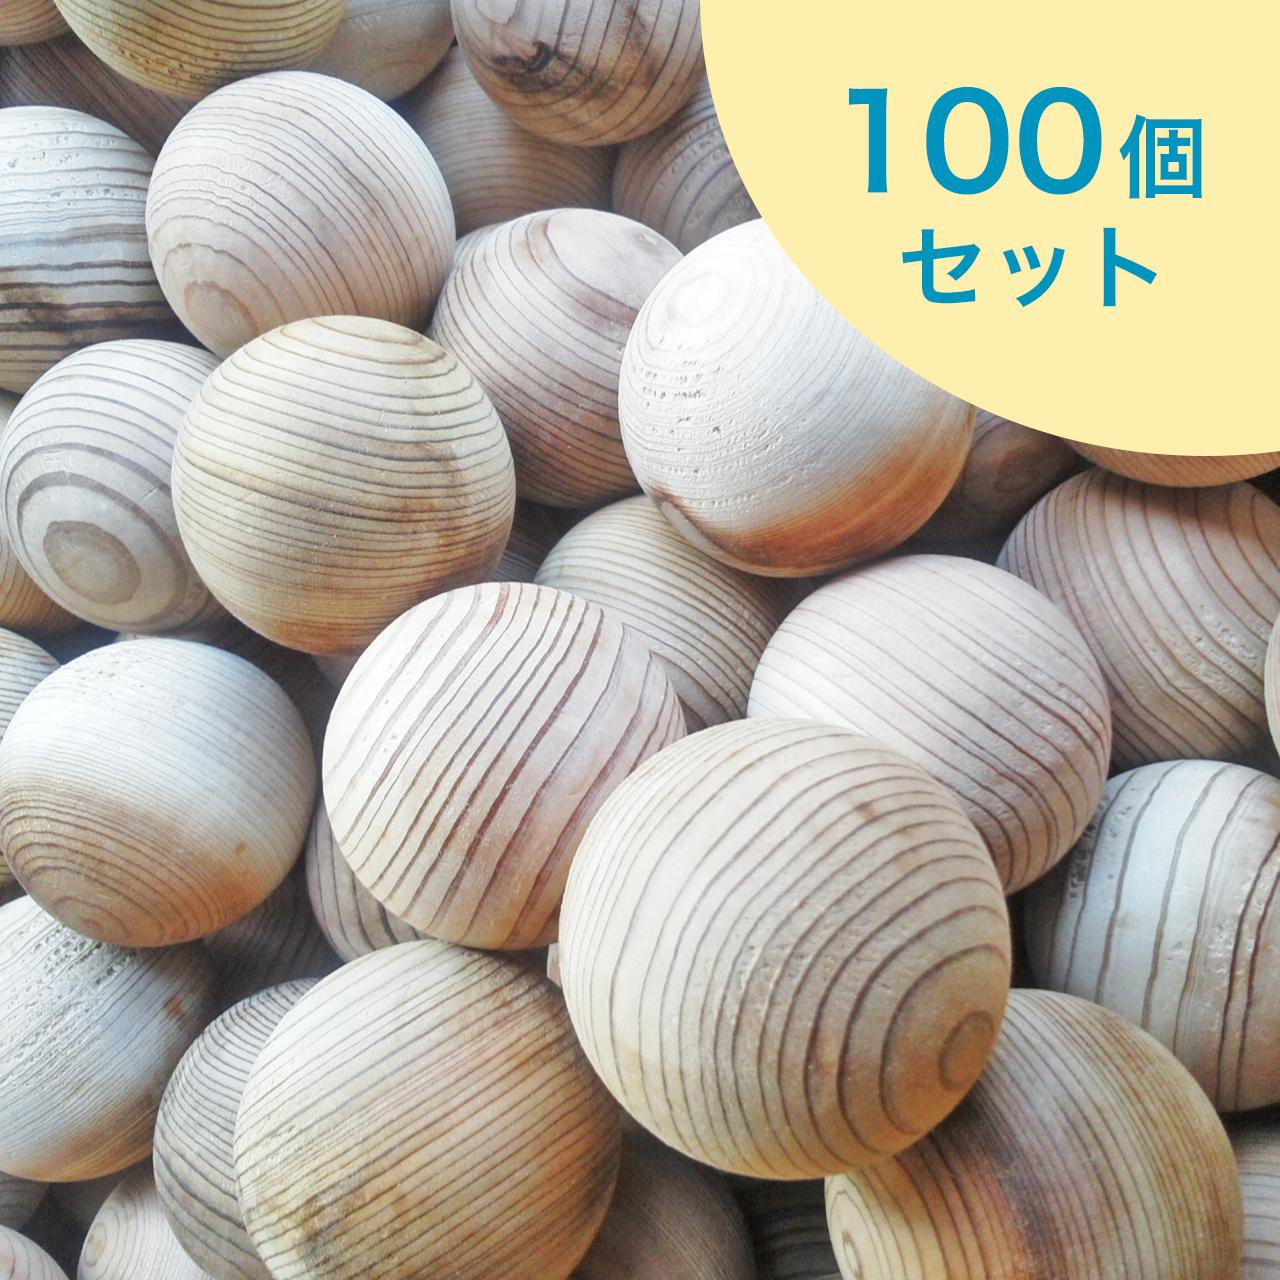 木のボール100個セット